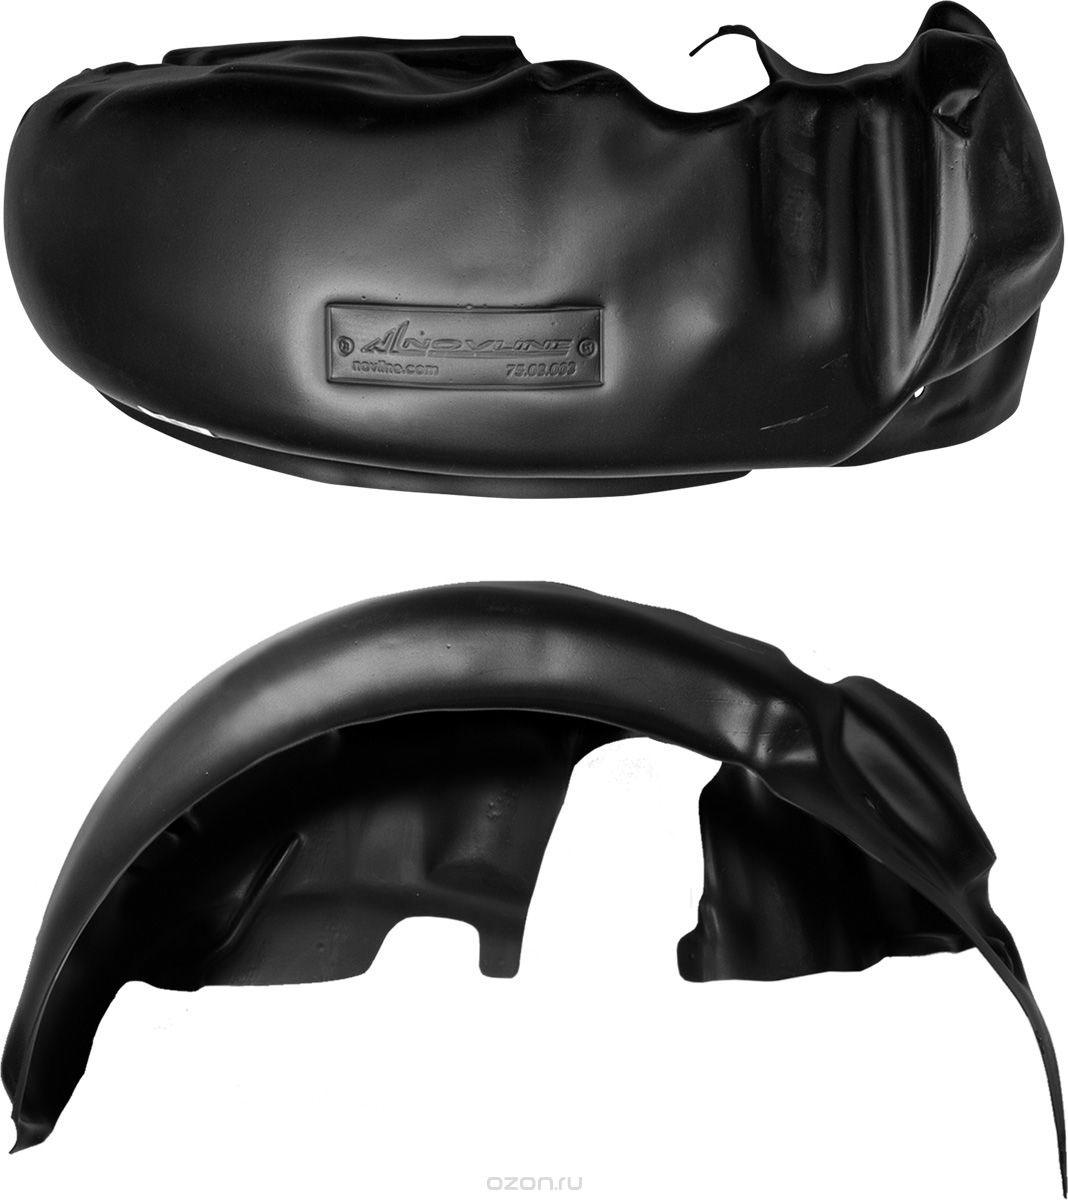 Подкрылок Novline-Autofamily, для BRILLIANCE H230, 04/2015->, задний правый234100Идеальная защита колесной ниши. Локеры разработаны с применением цифровых технологий, гарантируют максимальную повторяемость поверхности арки. Изделия устанавливаются без нарушения лакокрасочного покрытия автомобиля, каждый подкрылок комплектуется крепежом. Уважаемые клиенты, обращаем ваше внимание, что фотографии на подкрылки универсальные и не отражают реальную форму изделия. При этом само изделие идет точно под размер указанного автомобиля.